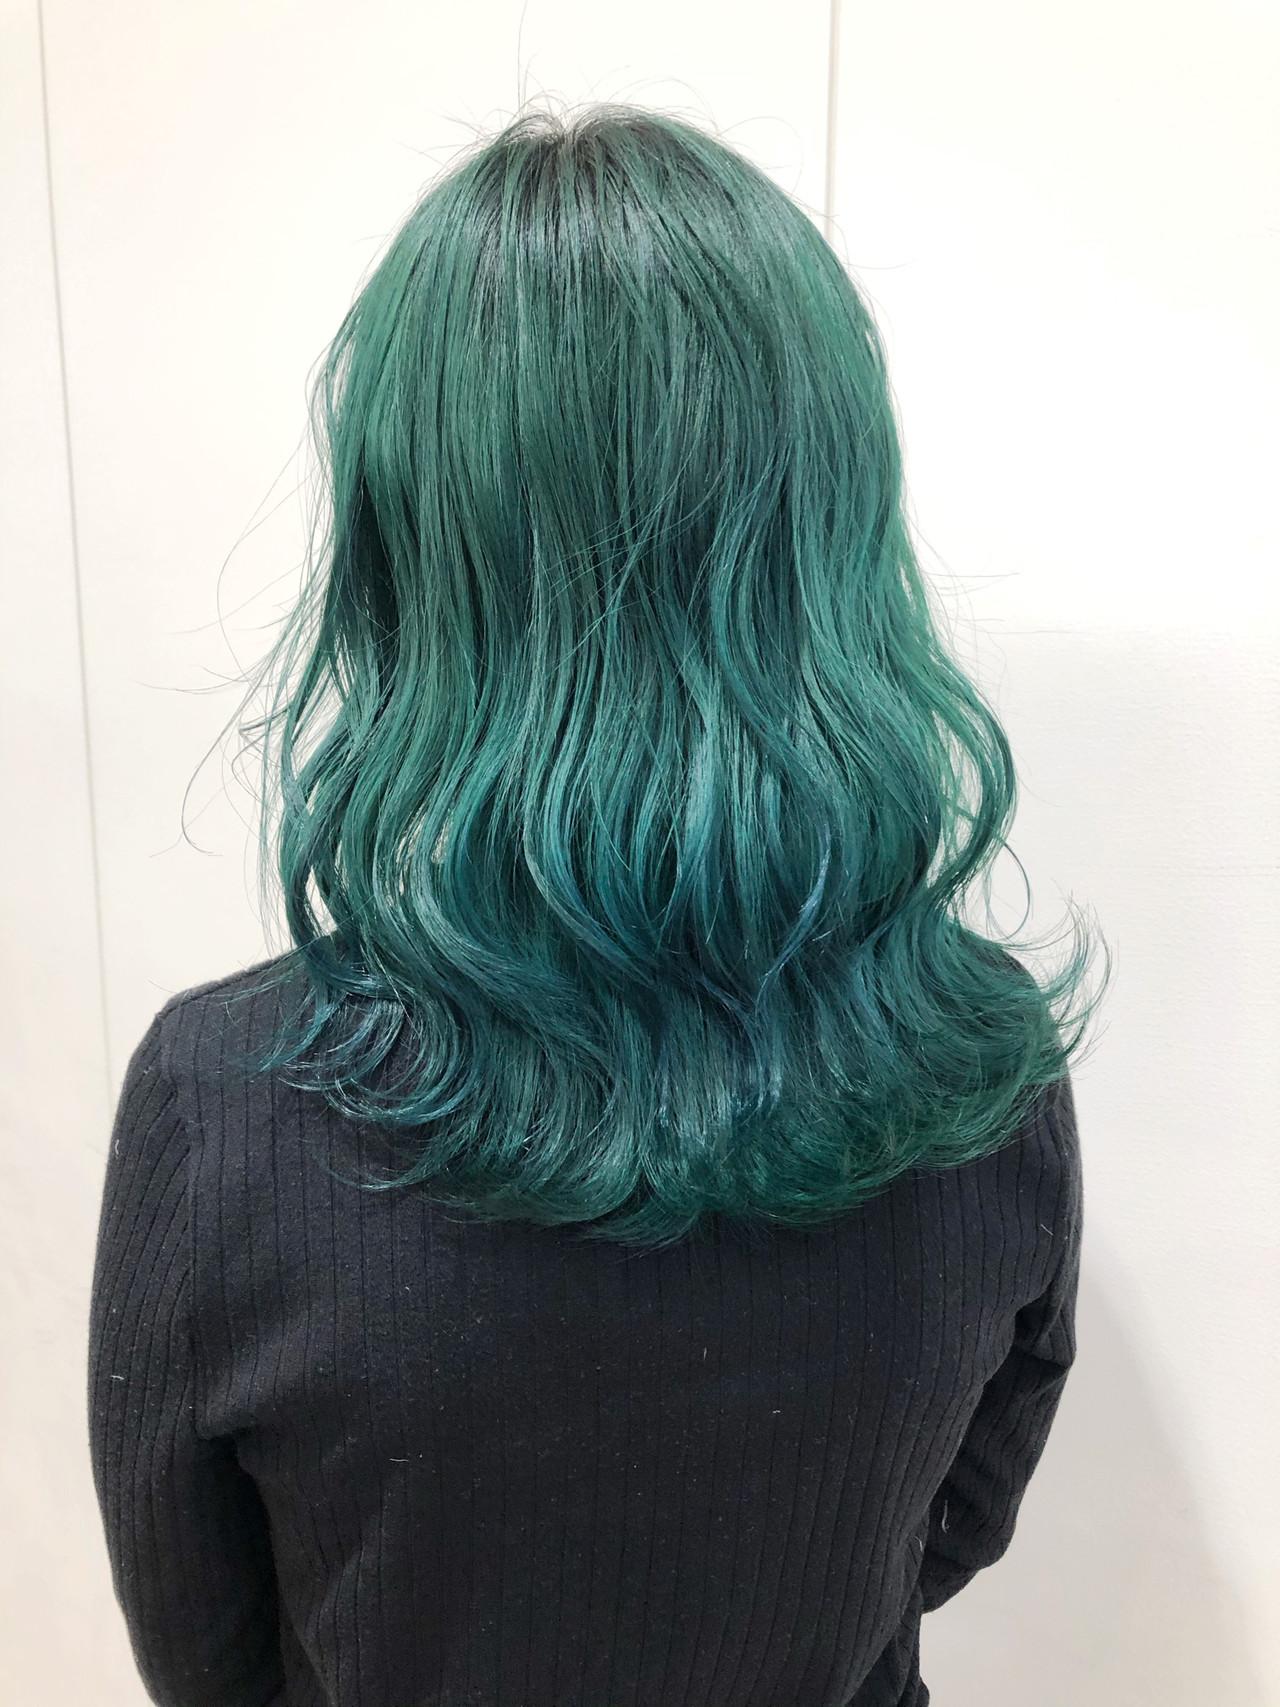 エメラルドグリーンカラー ブリーチカラー ブリーチ グリーン ヘアスタイルや髪型の写真・画像